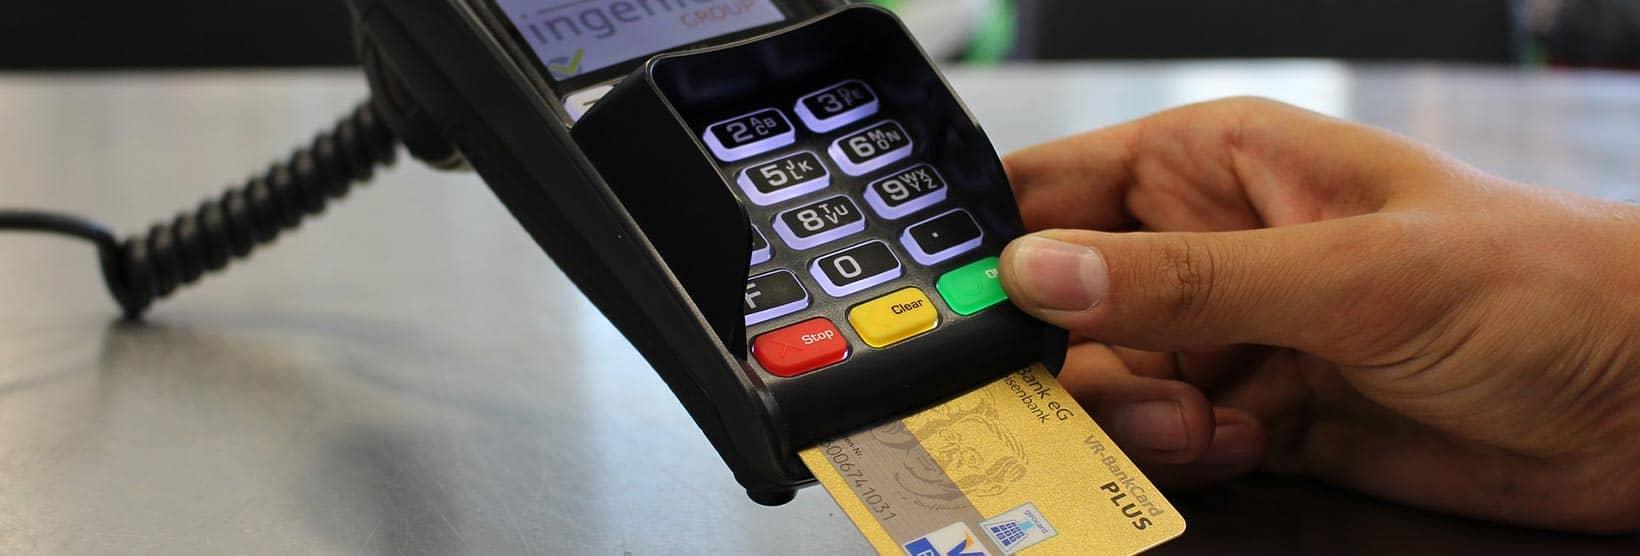 Using PIN pad to process EBT payment